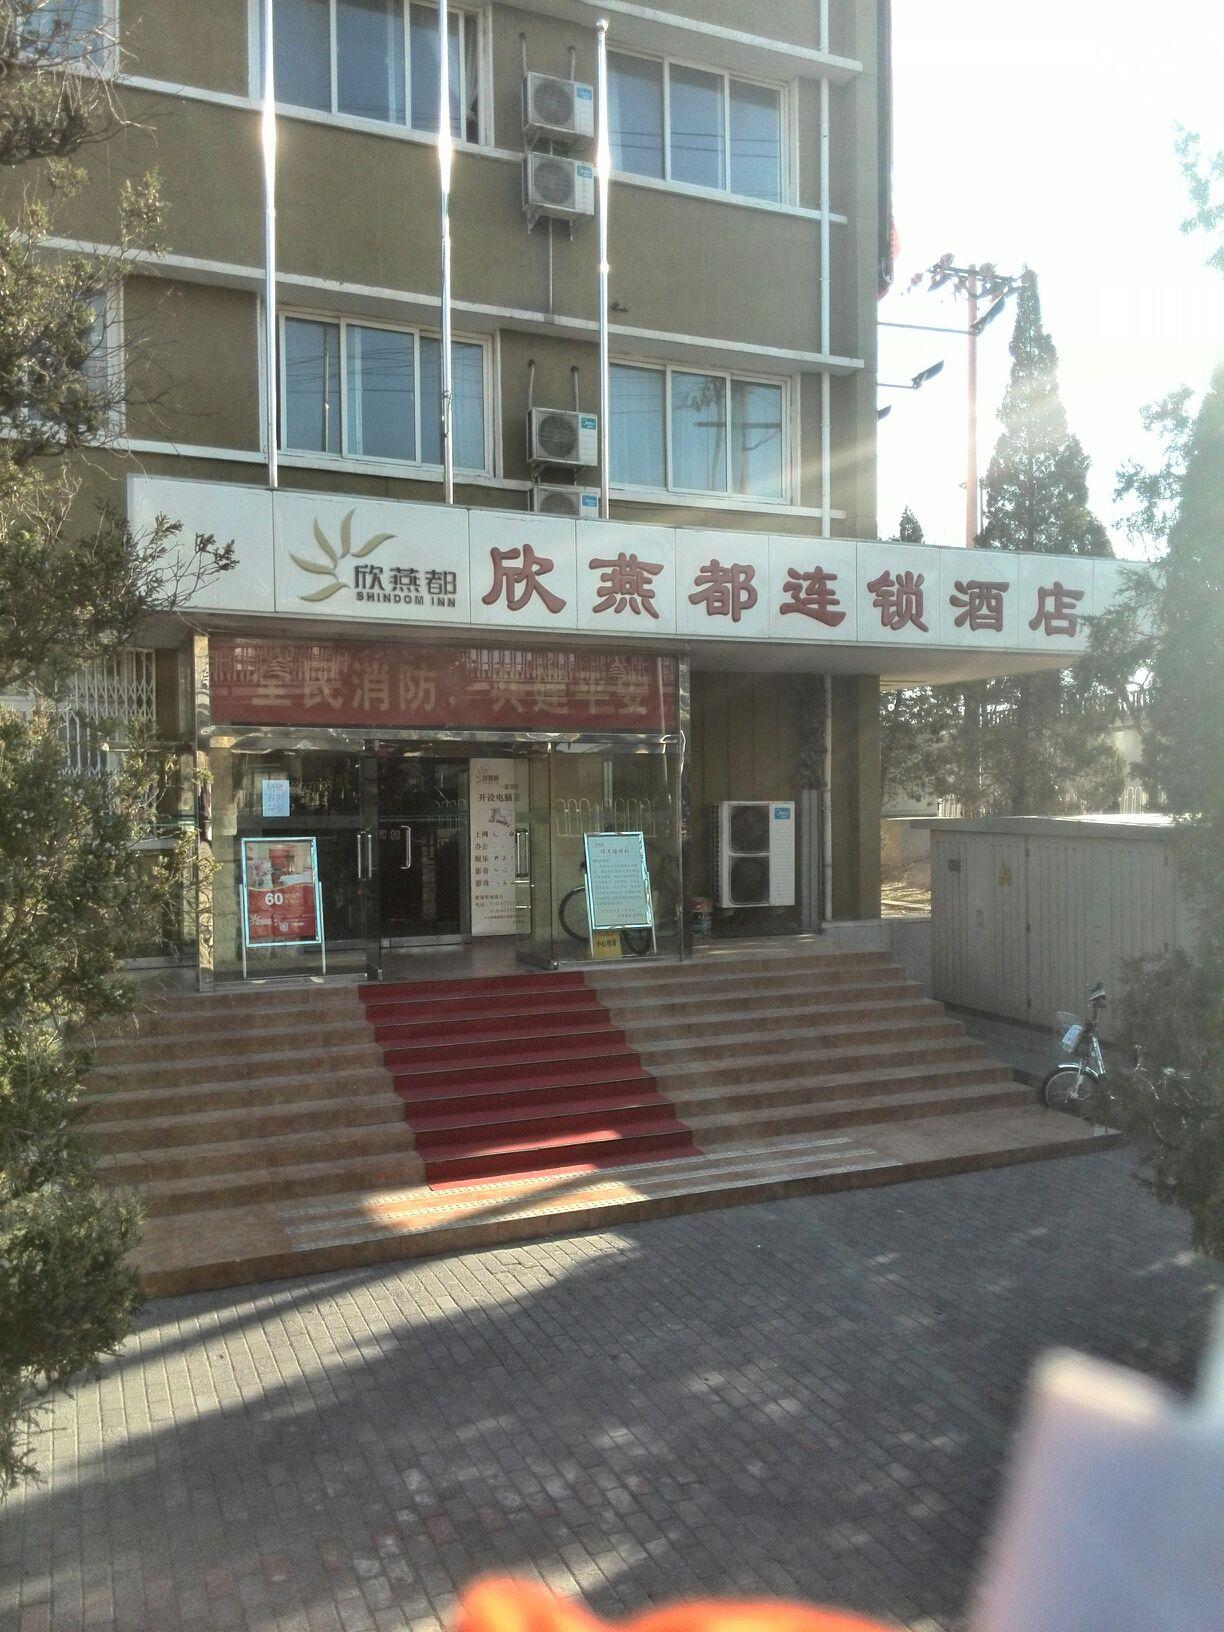 阿波罗眼镜(传媒大学店)